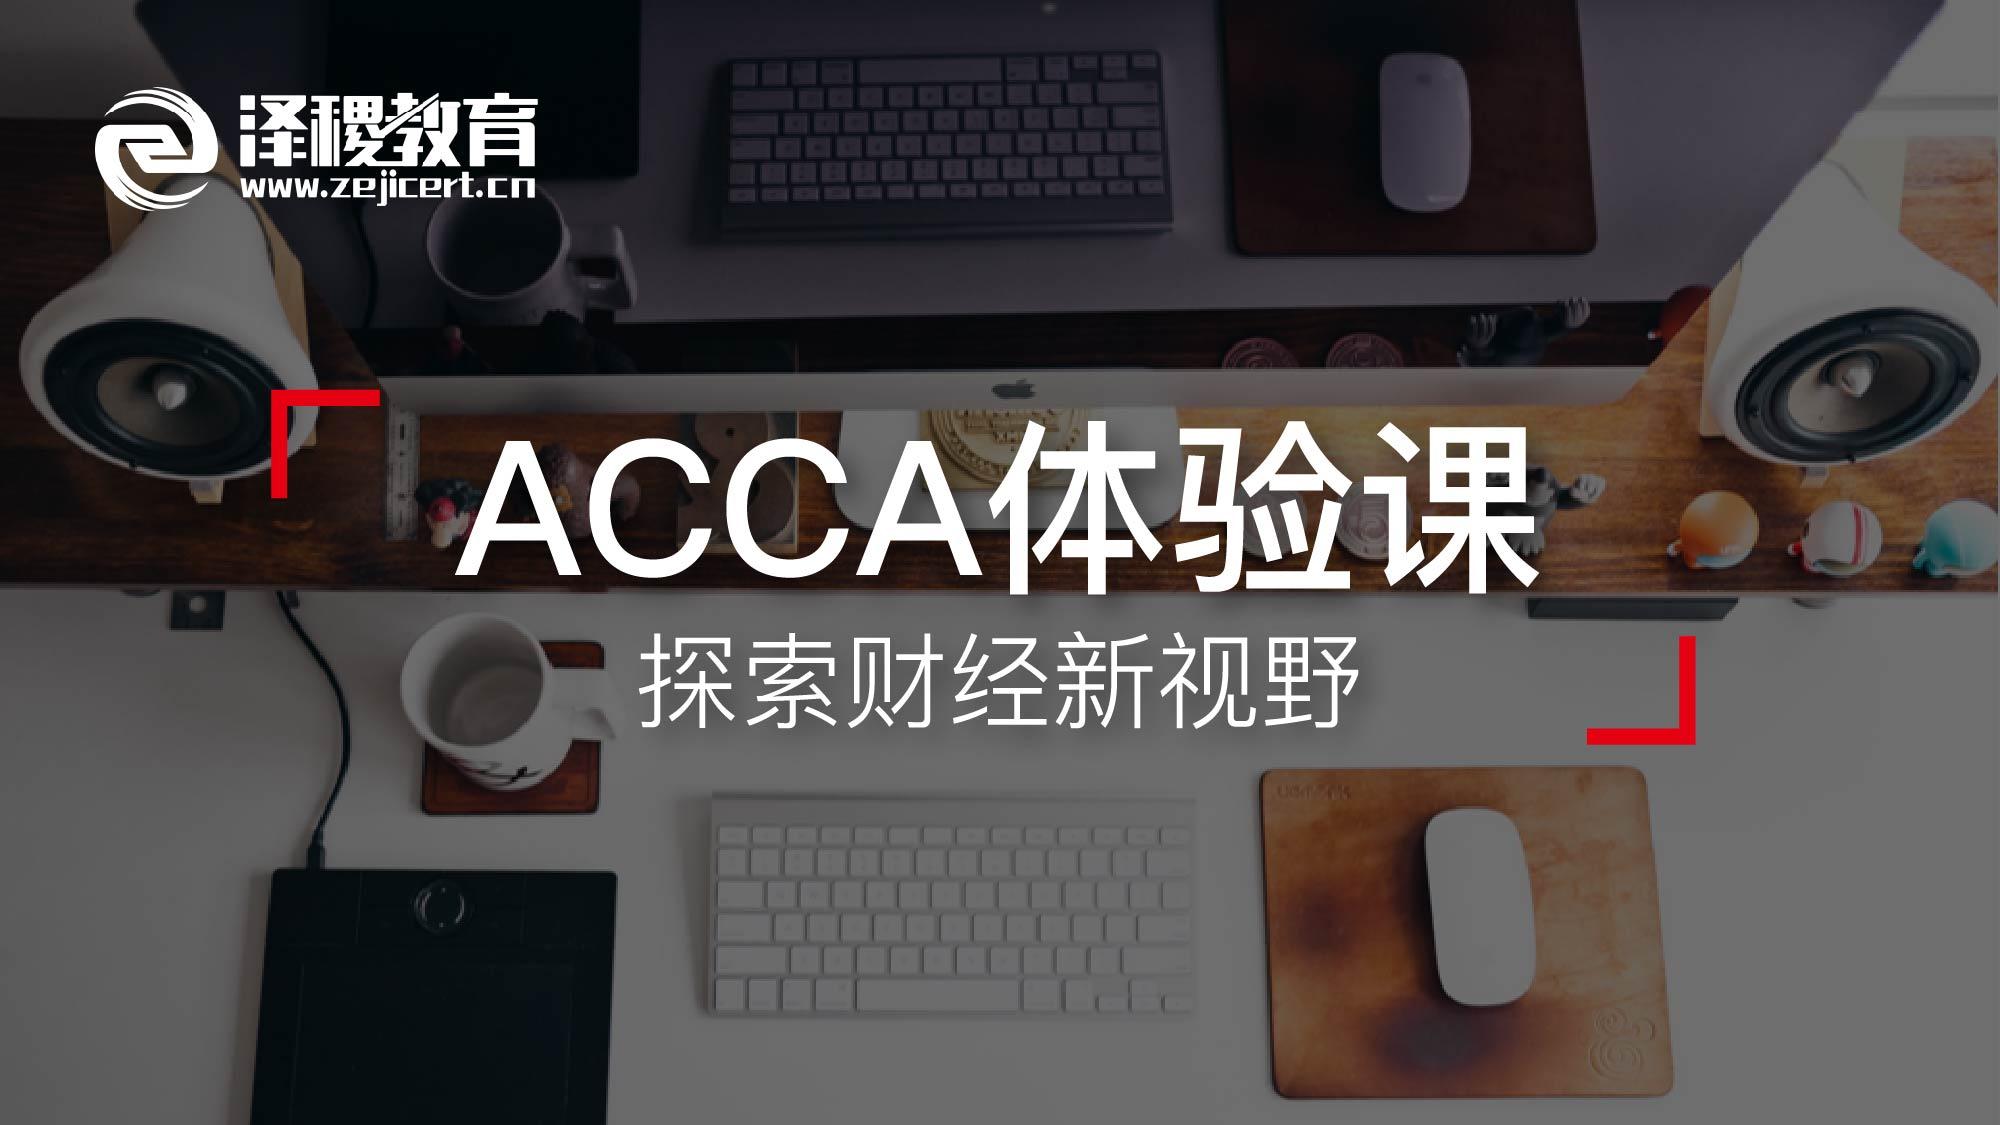 ACCA 零基础入门体验课